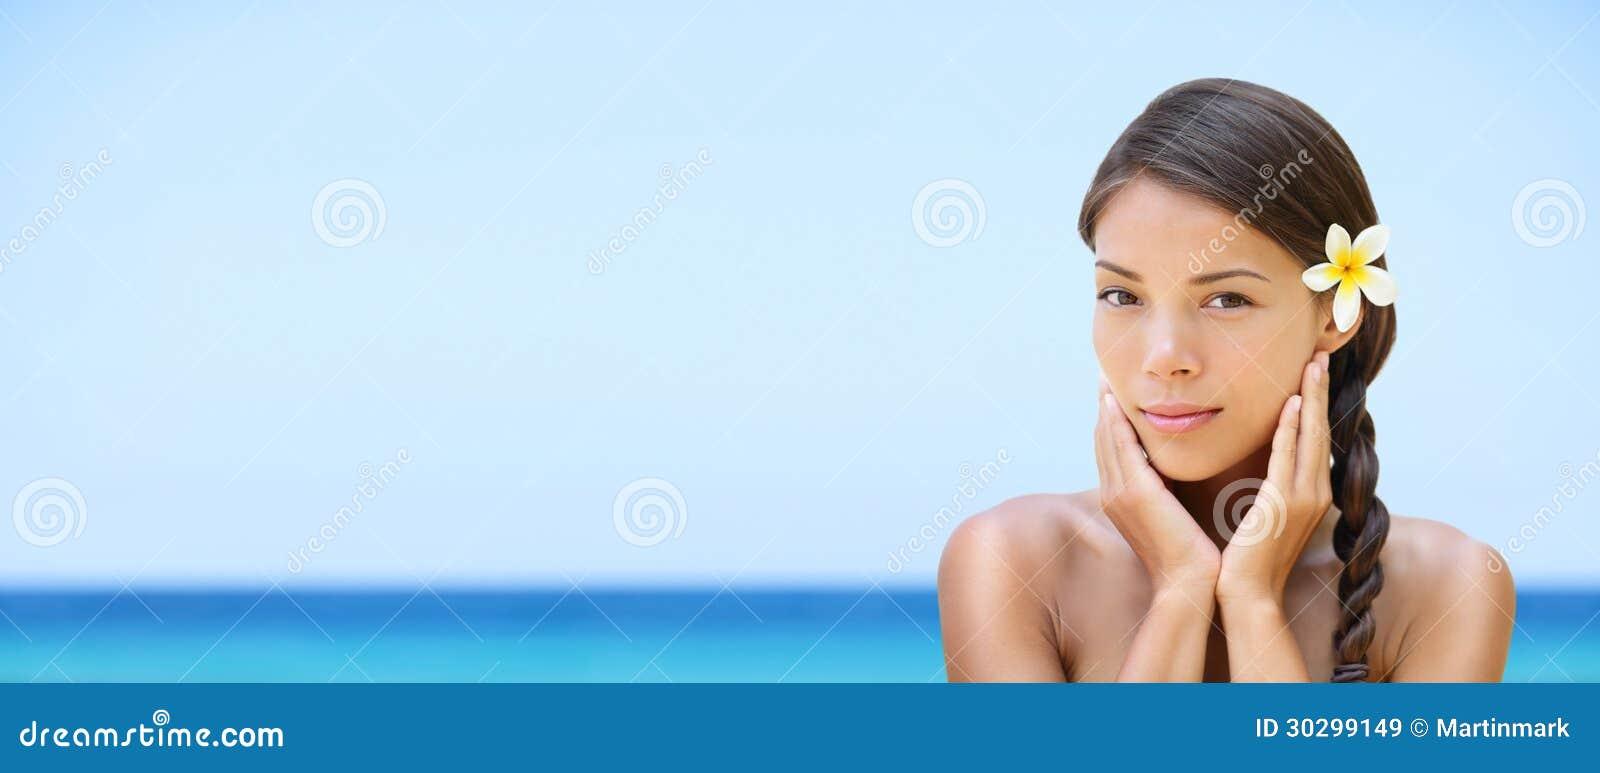 Γυναίκα SPA στο παραθαλάσσιο θέρετρο ταξιδιού - έμβλημα πανοράματος